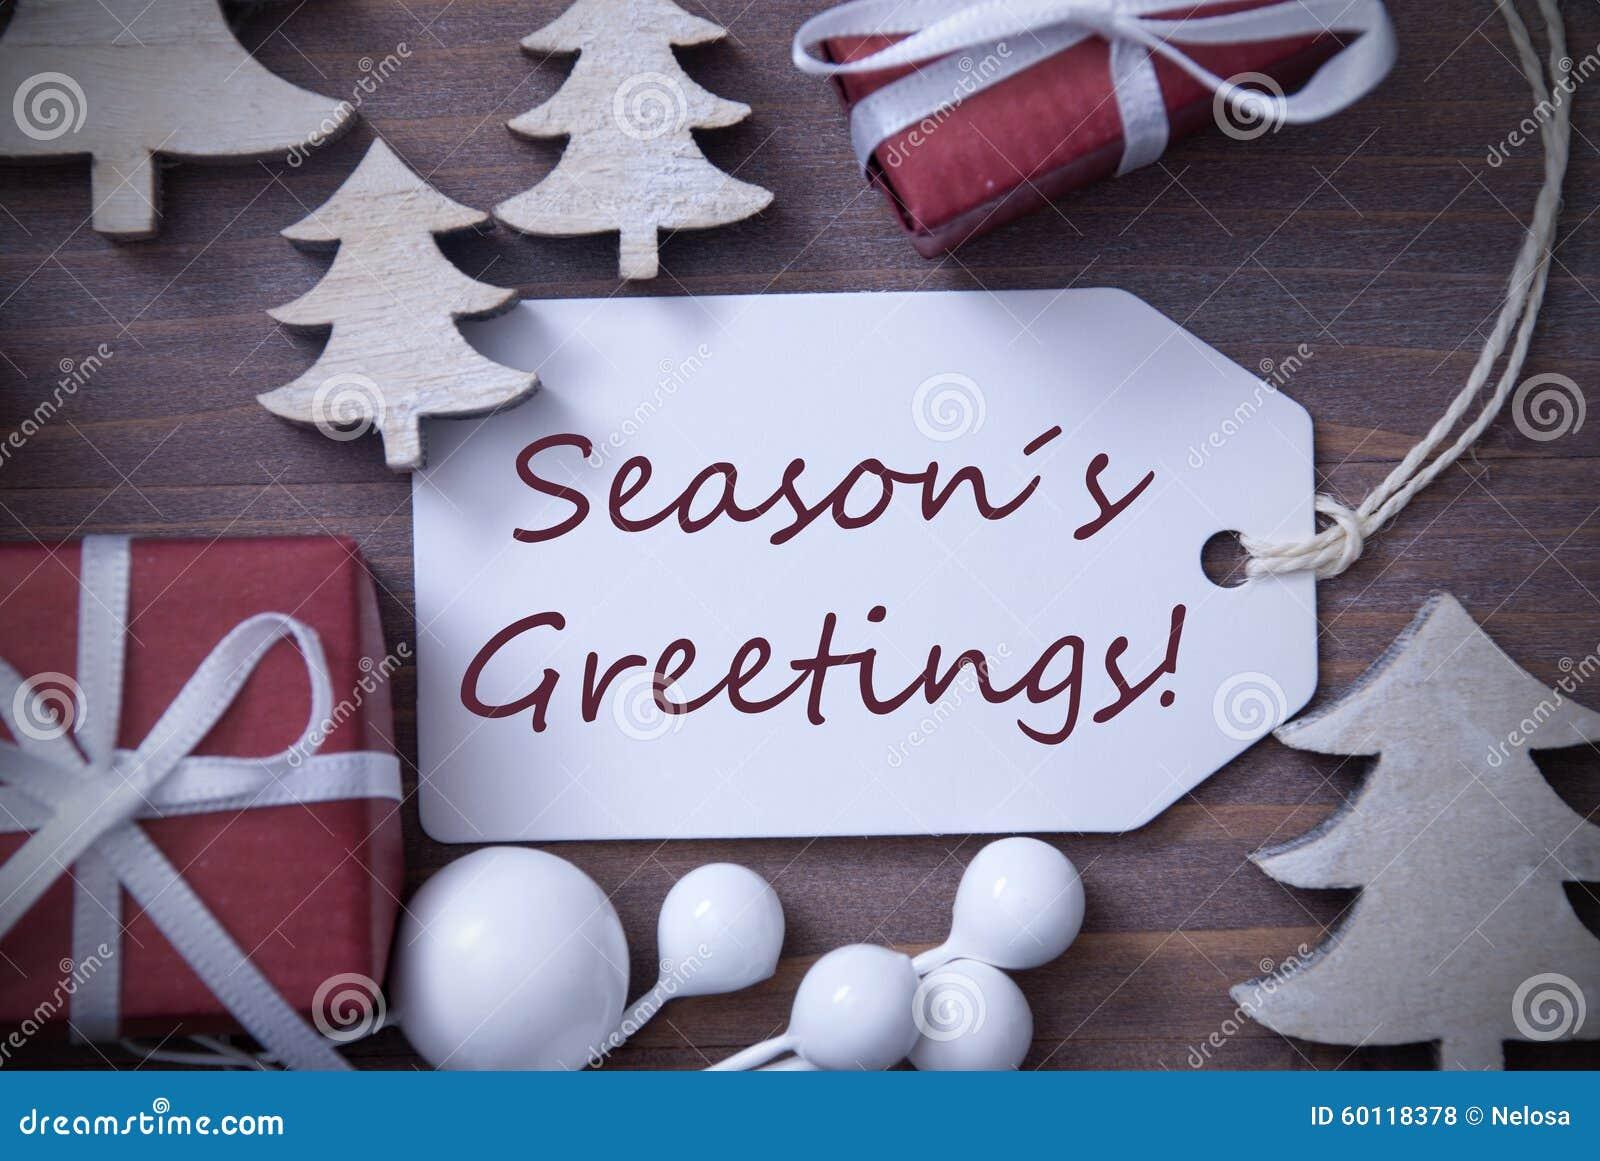 Weihnachtsaufkleber-Geschenk-Baum Würzt Grüße Stockfoto - Bild von ...